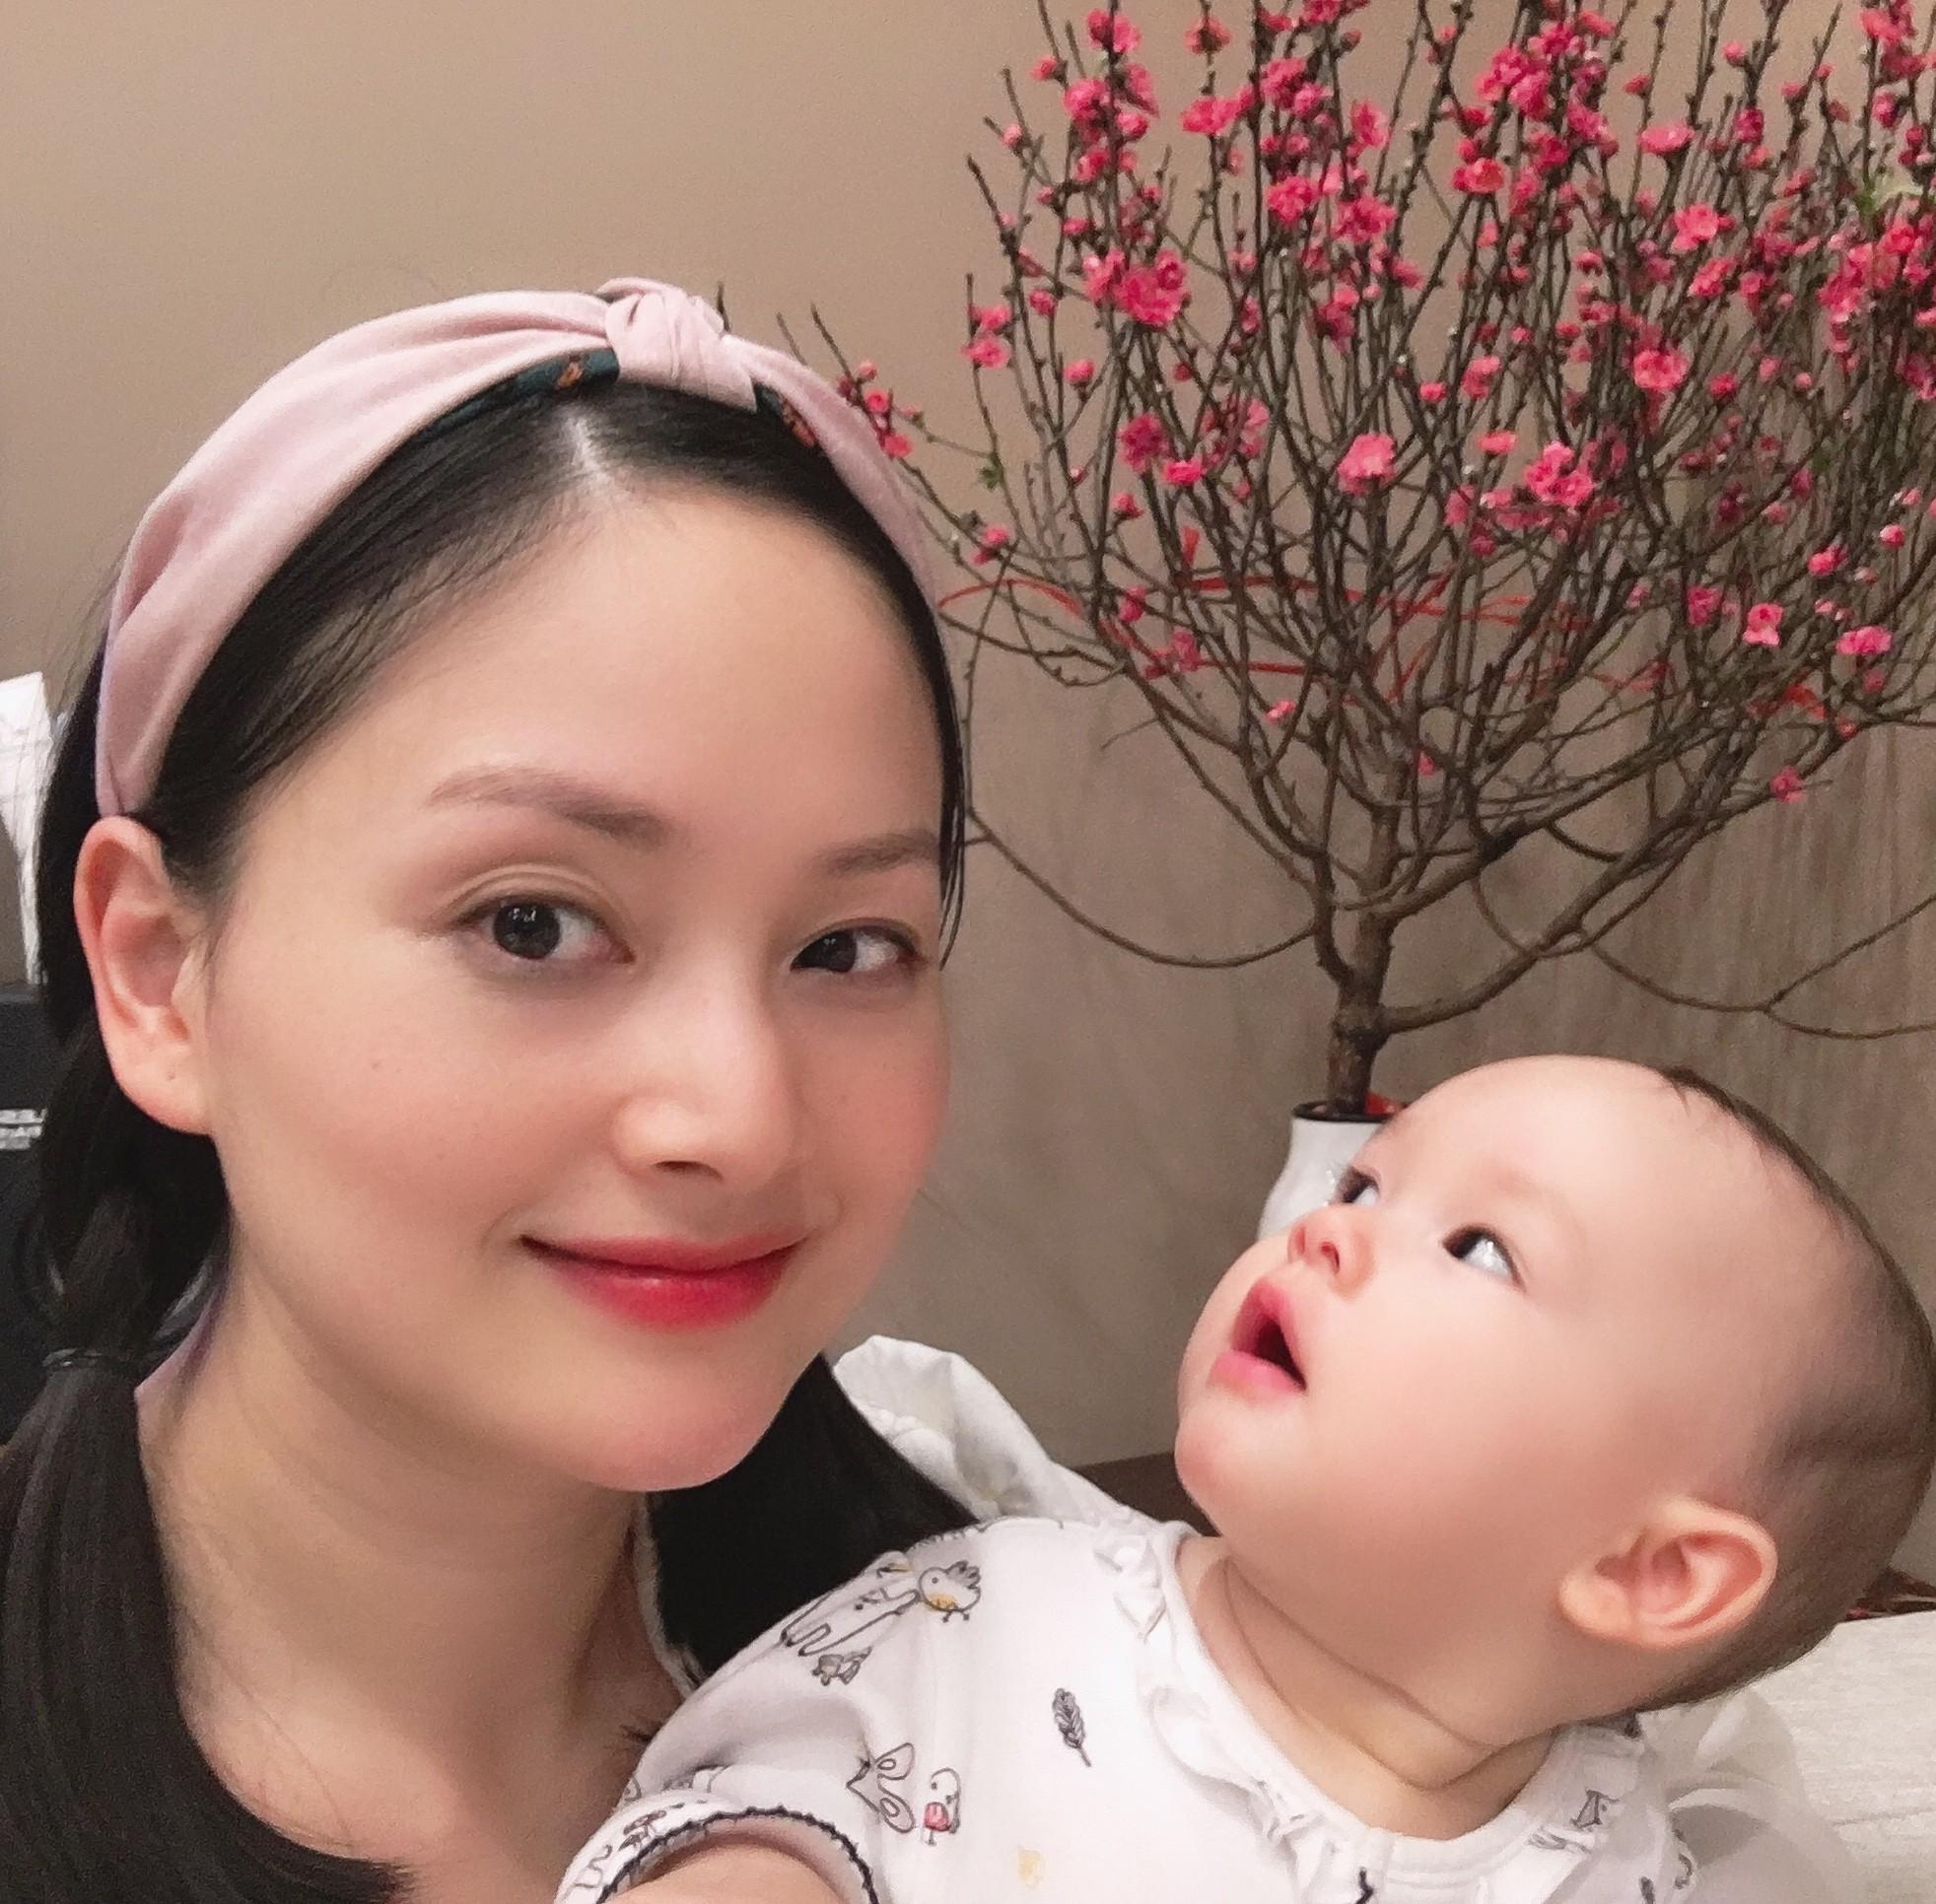 'Nàng dâu order' Lan Phương tiết lộ ngôn ngữ riêng sử dụng trong giao tiếp với con gái - Ảnh 7